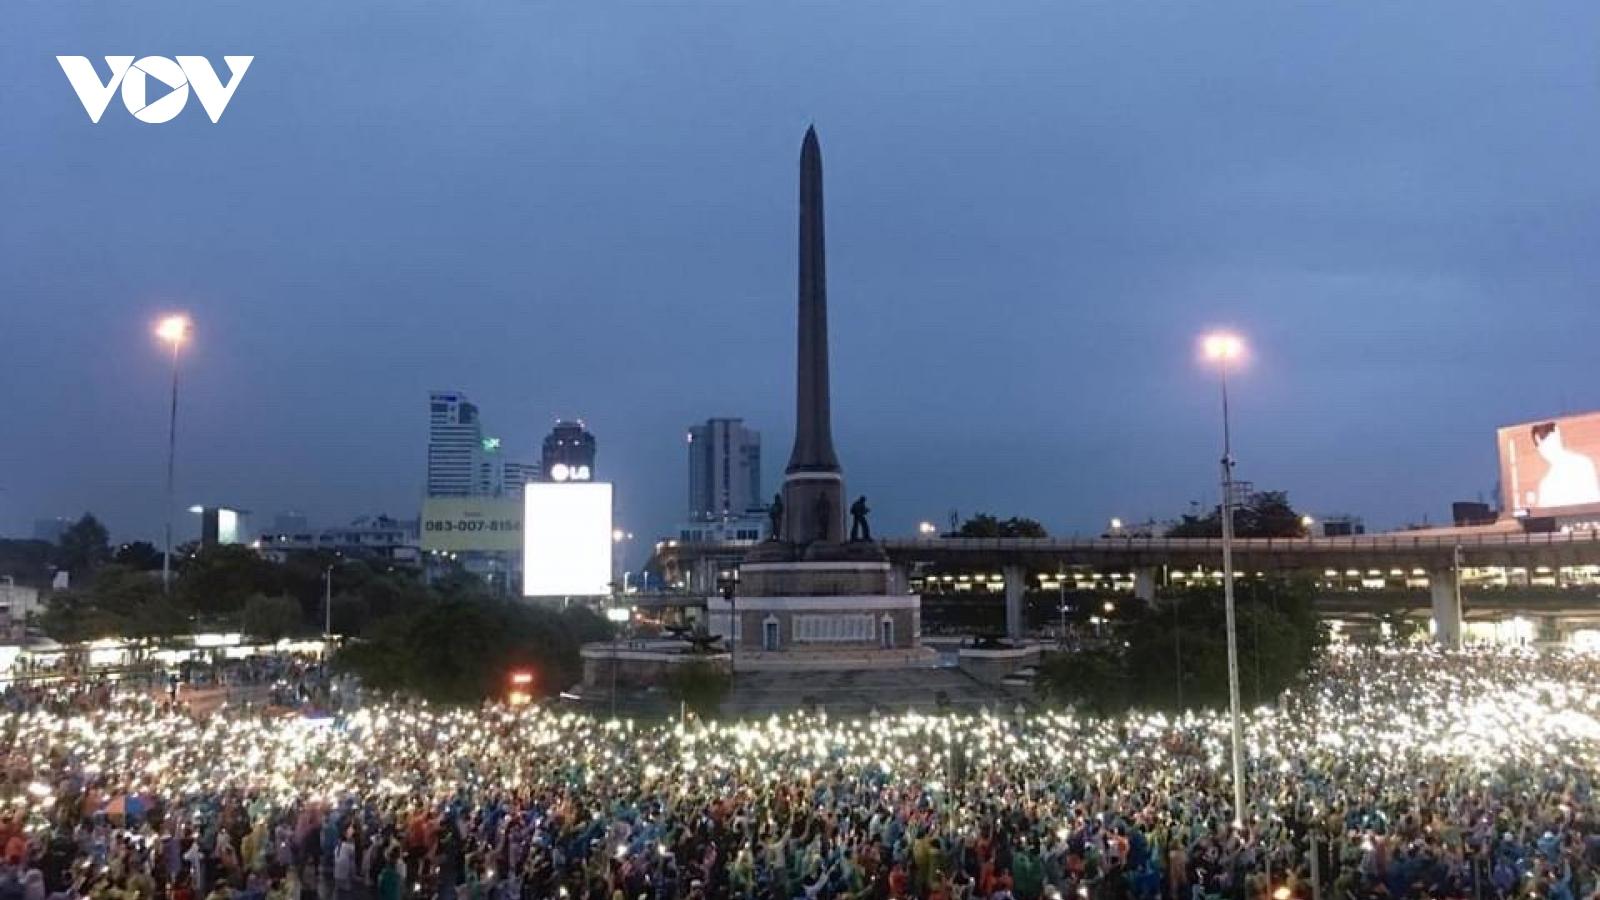 Biểu tình chống chính phủ lan ra nhiều nơi tại Thái Lan